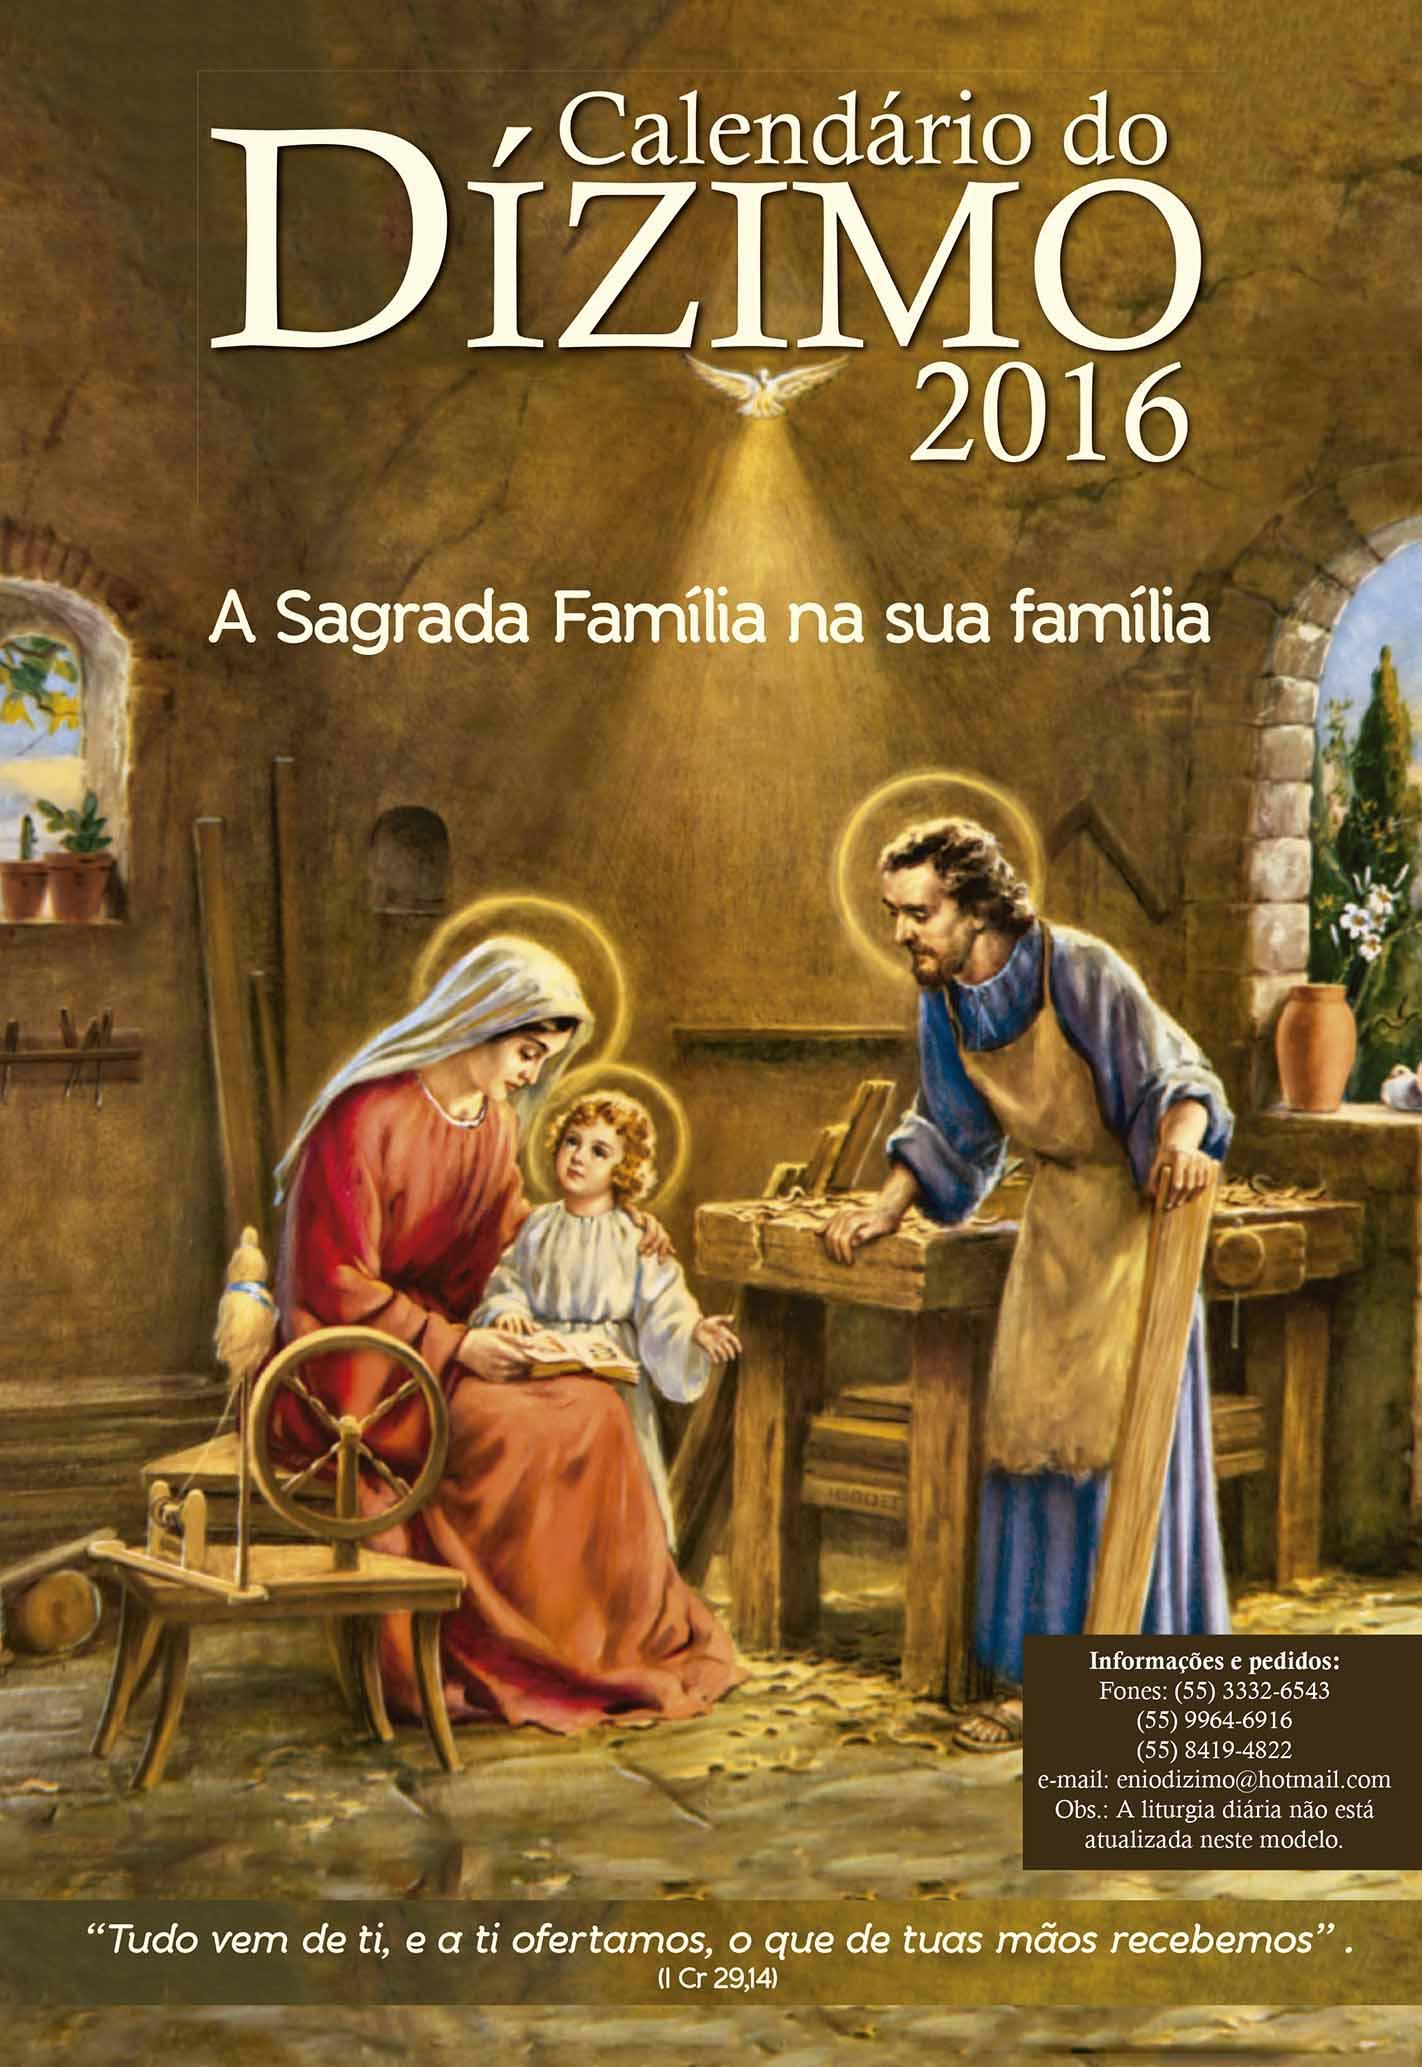 Calendário do Dízimo de 2016